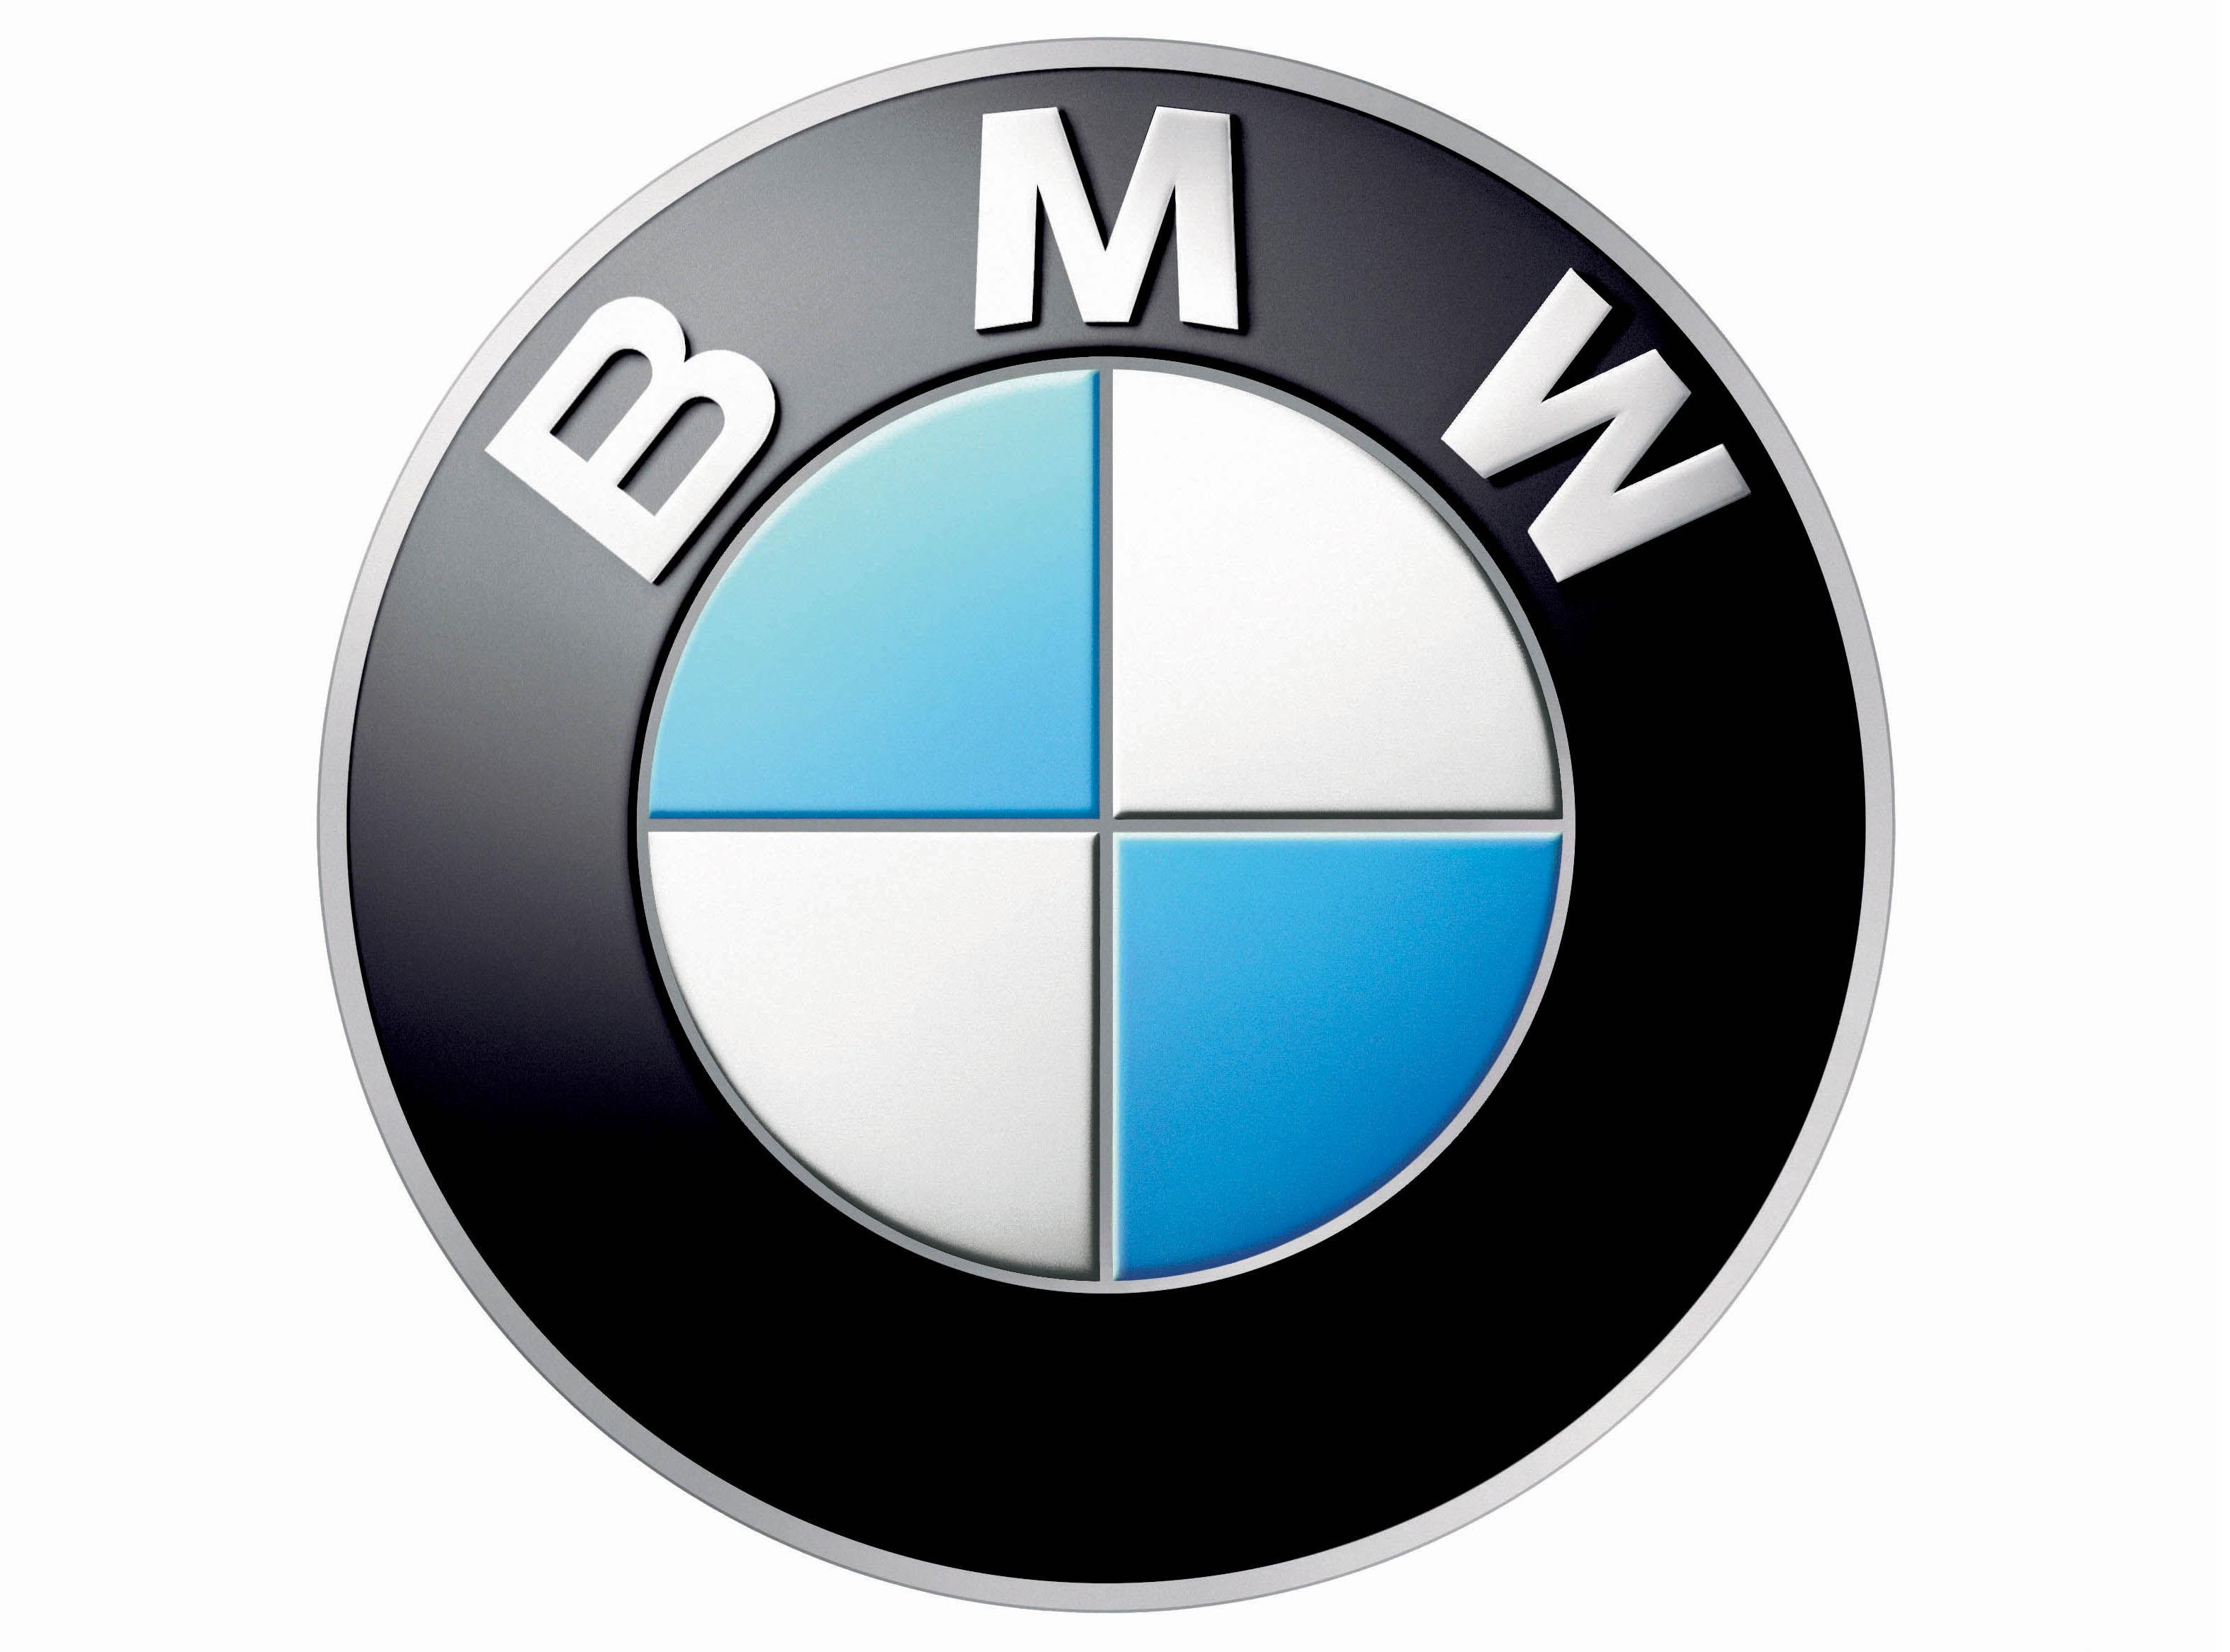 ¿Qué representa el logo de BMW?